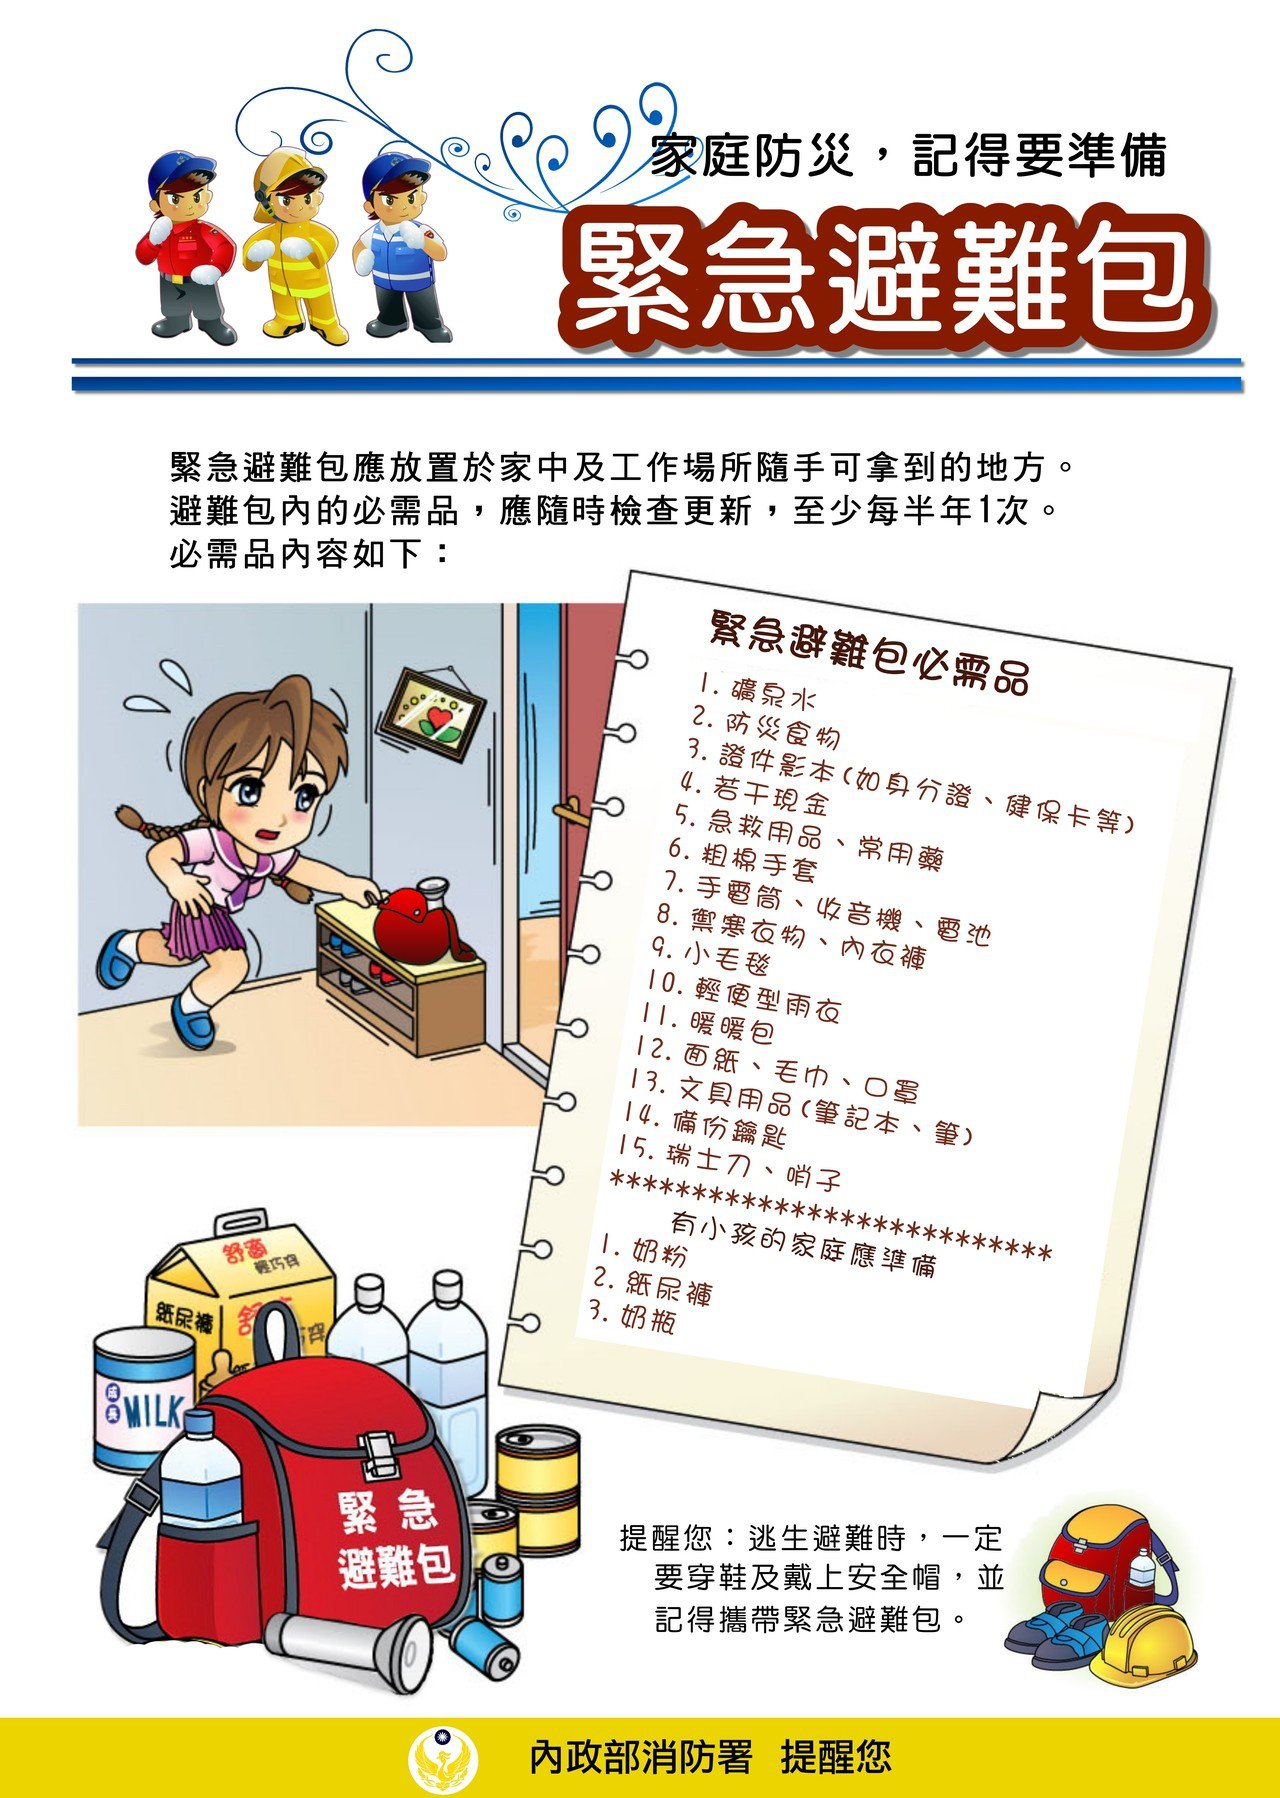 緊急避難包必需品。圖擷自消防署網站